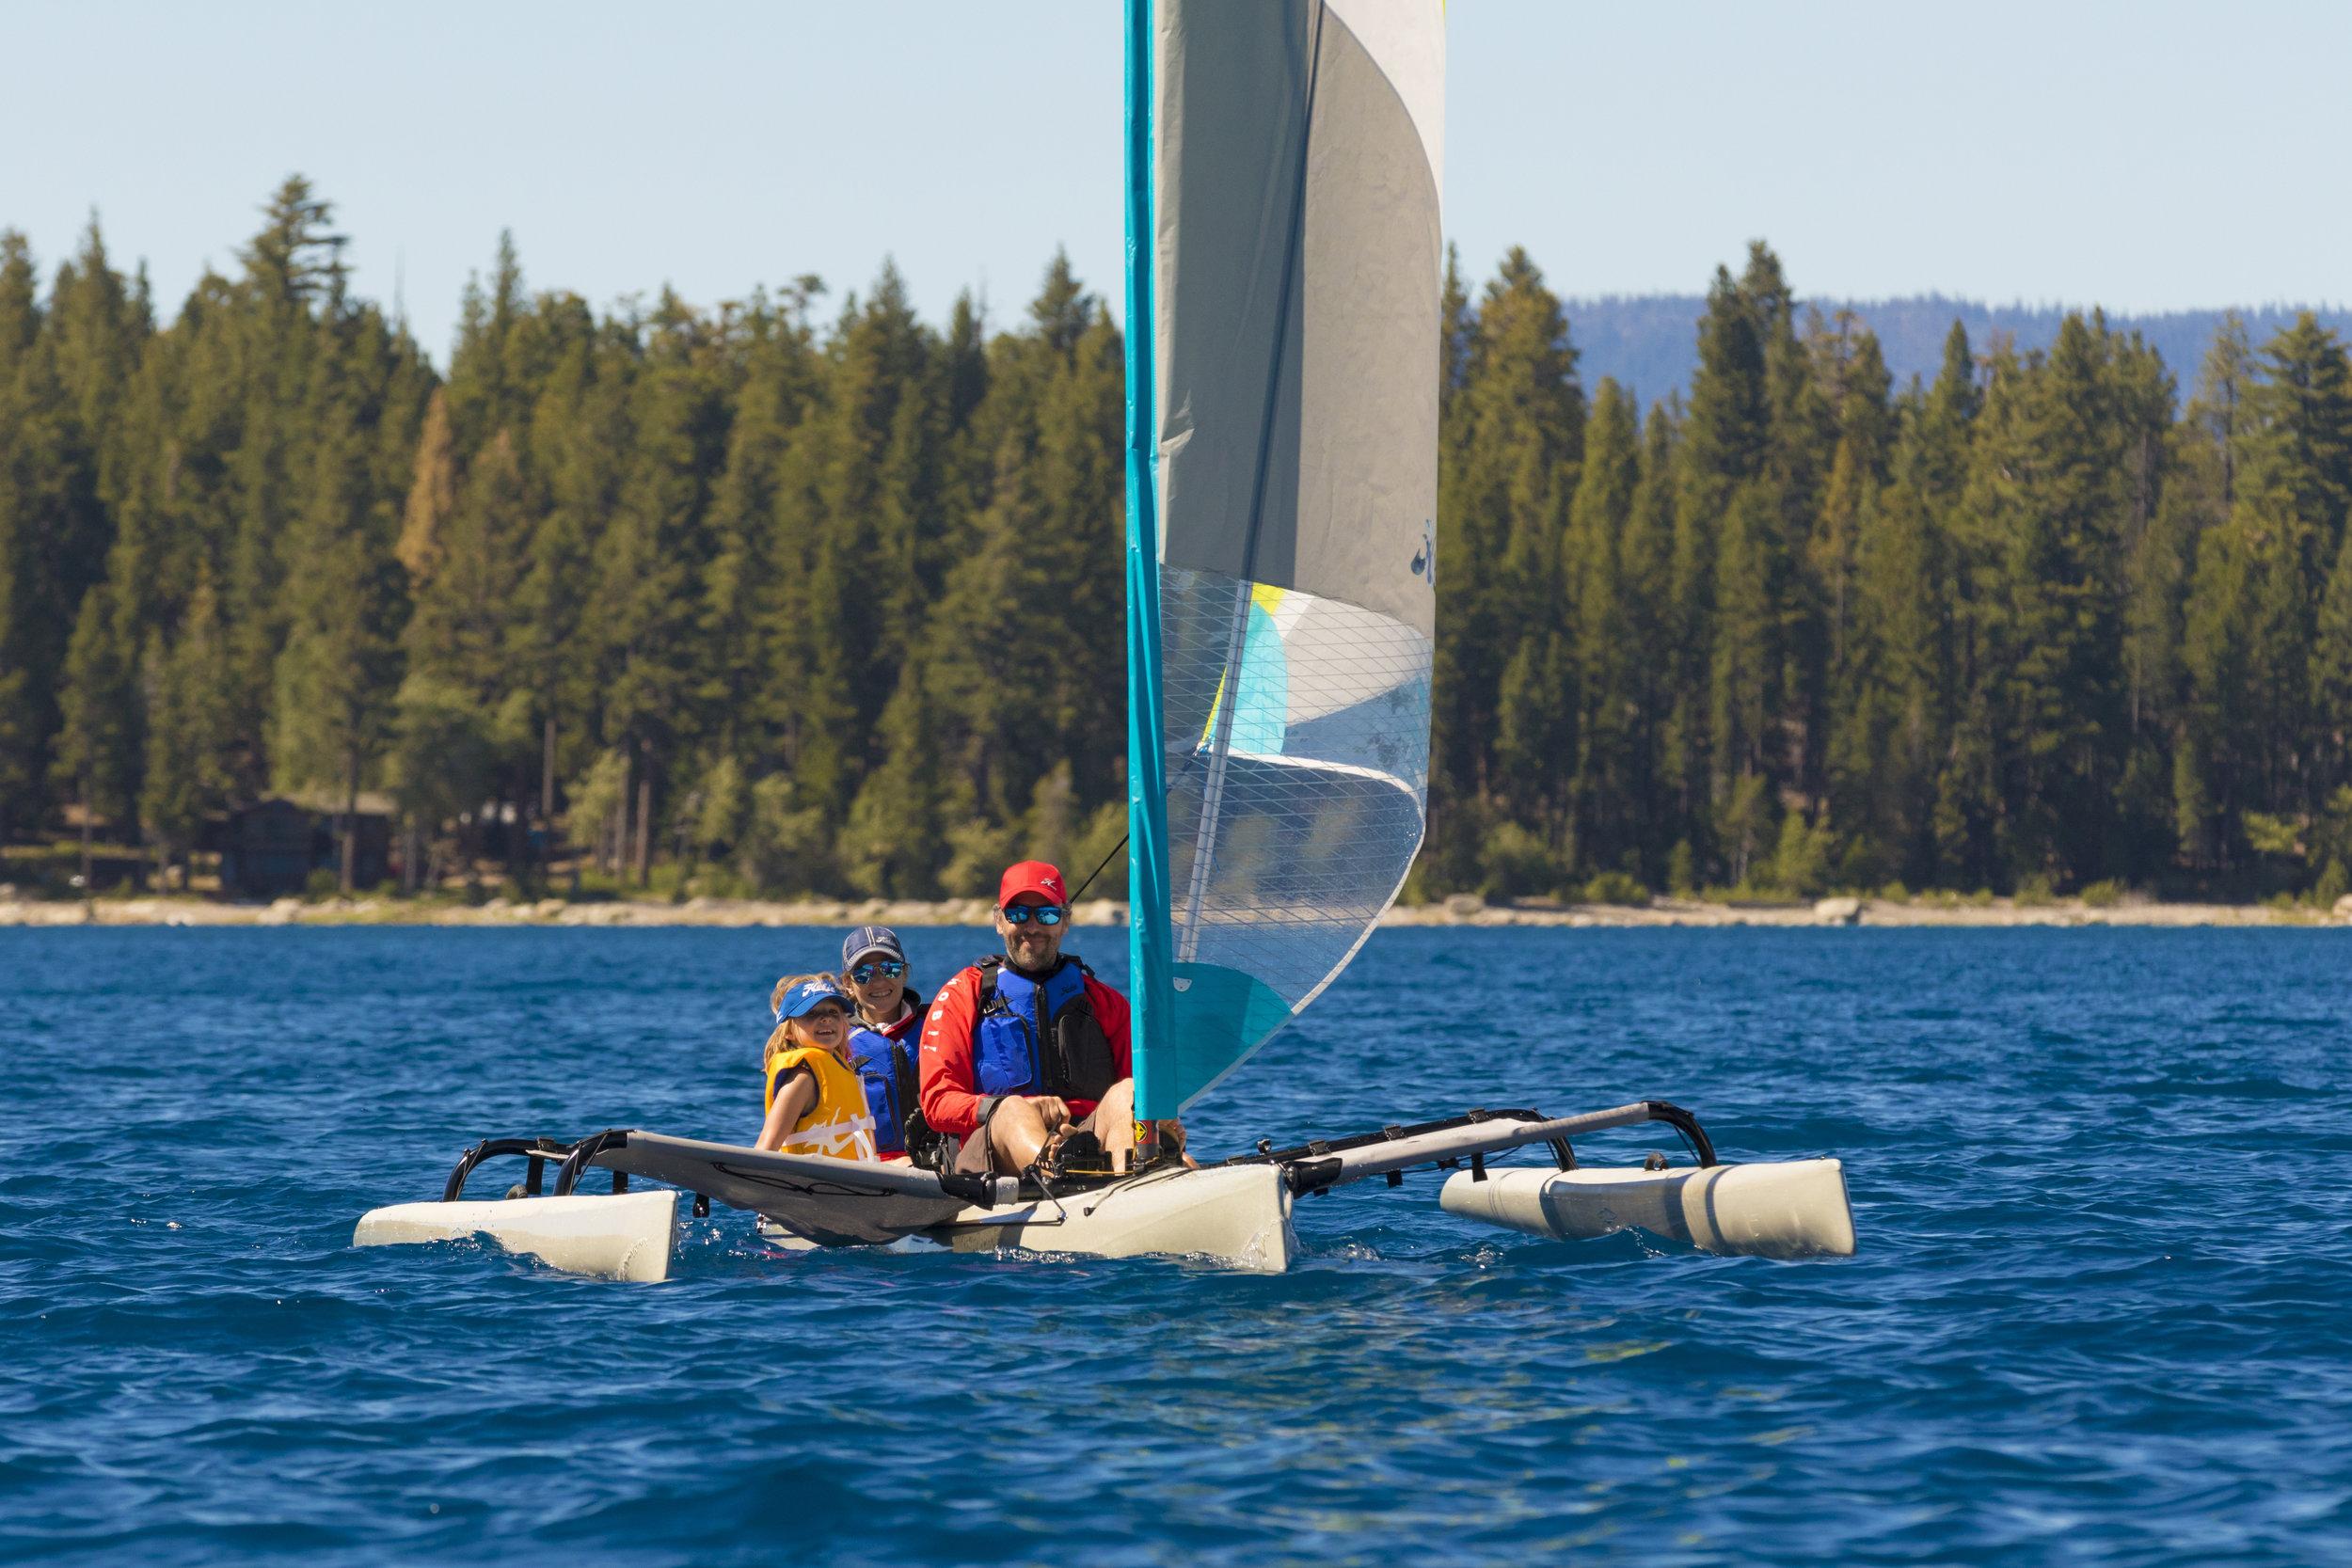 Tandem_Island_action_Tahoe_family_dune_smiles_2393_full.jpg